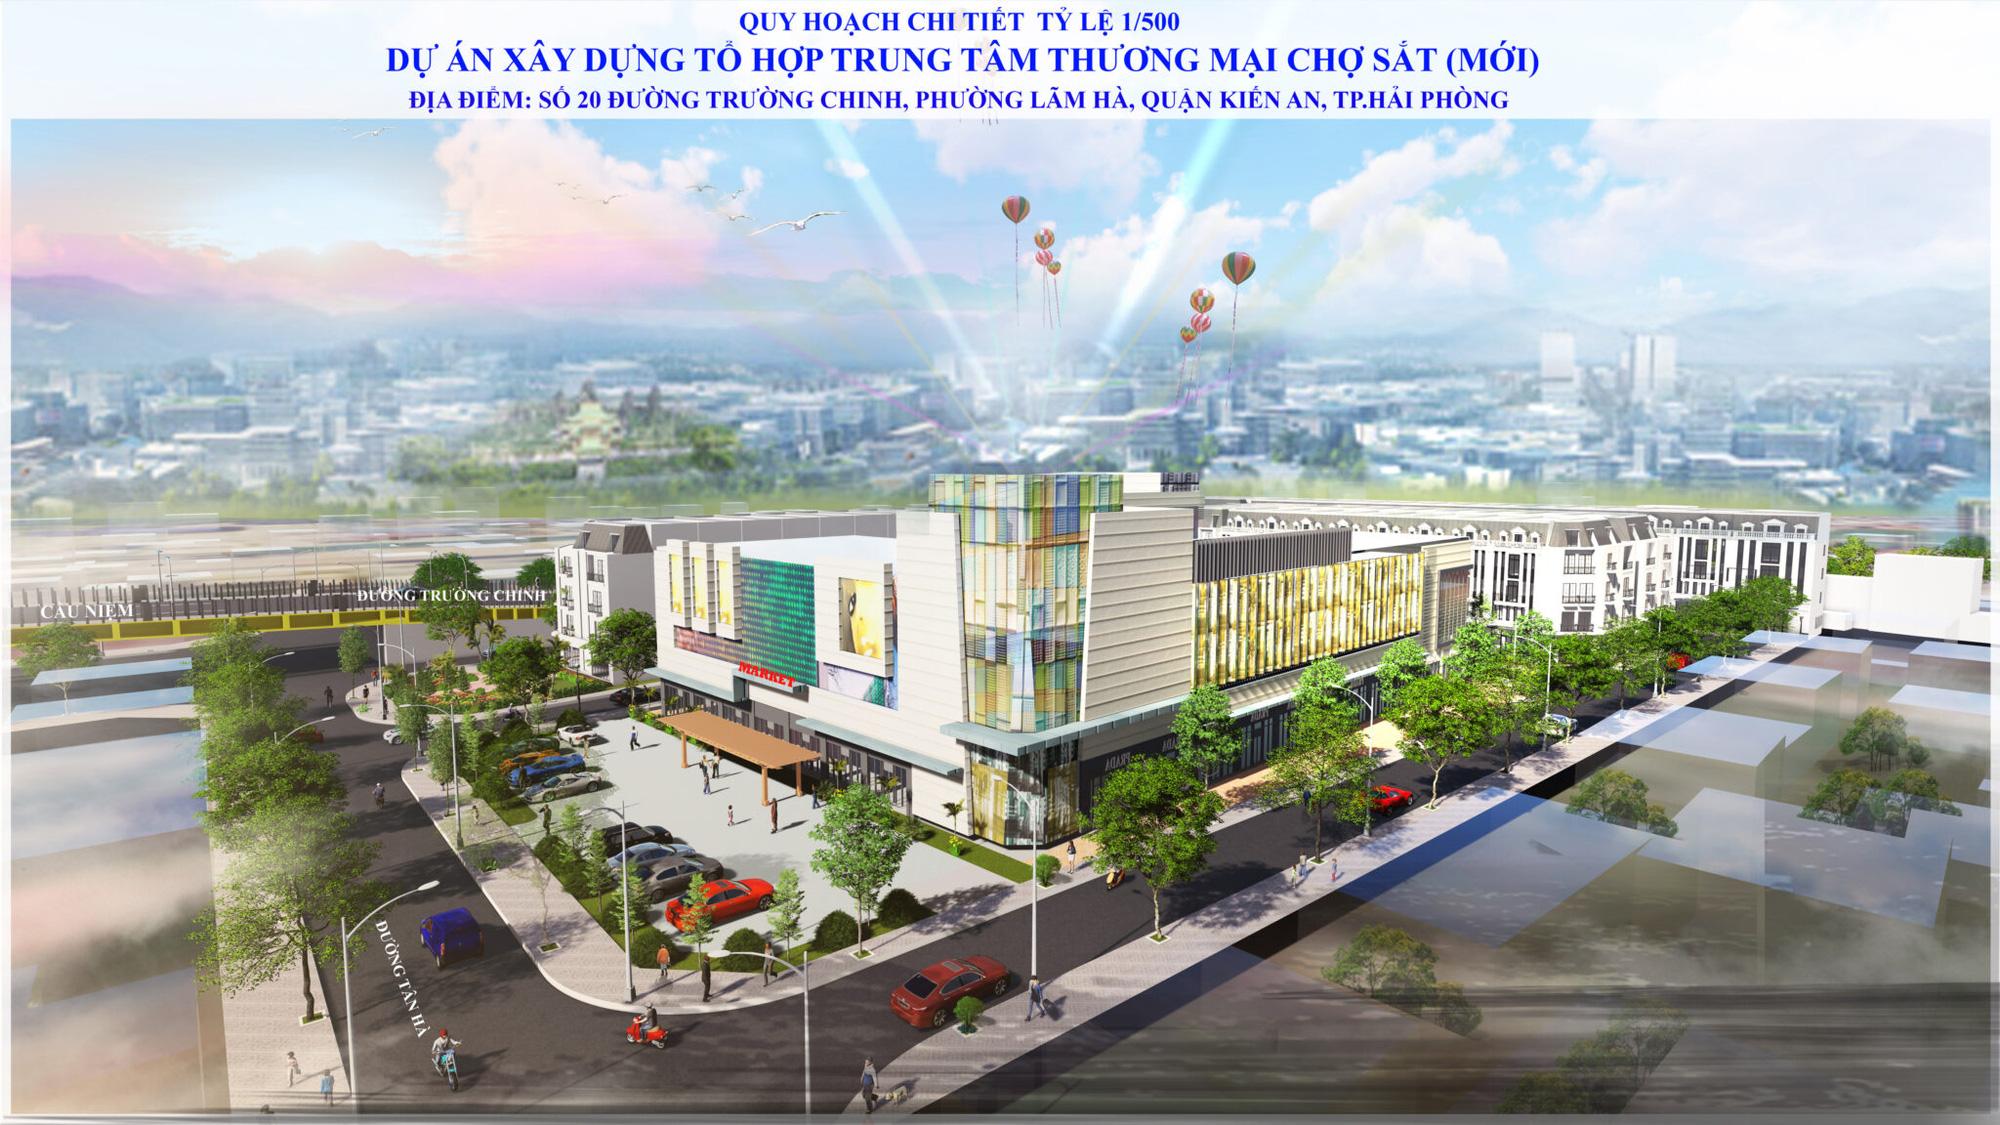 Hải Phòng sắp có tổ hợp TTTM, khách sạn 5 sao gần 6.000 tỷ đồng thay thế chợ Sắt tại quân Hồng Bàng - Ảnh 2.